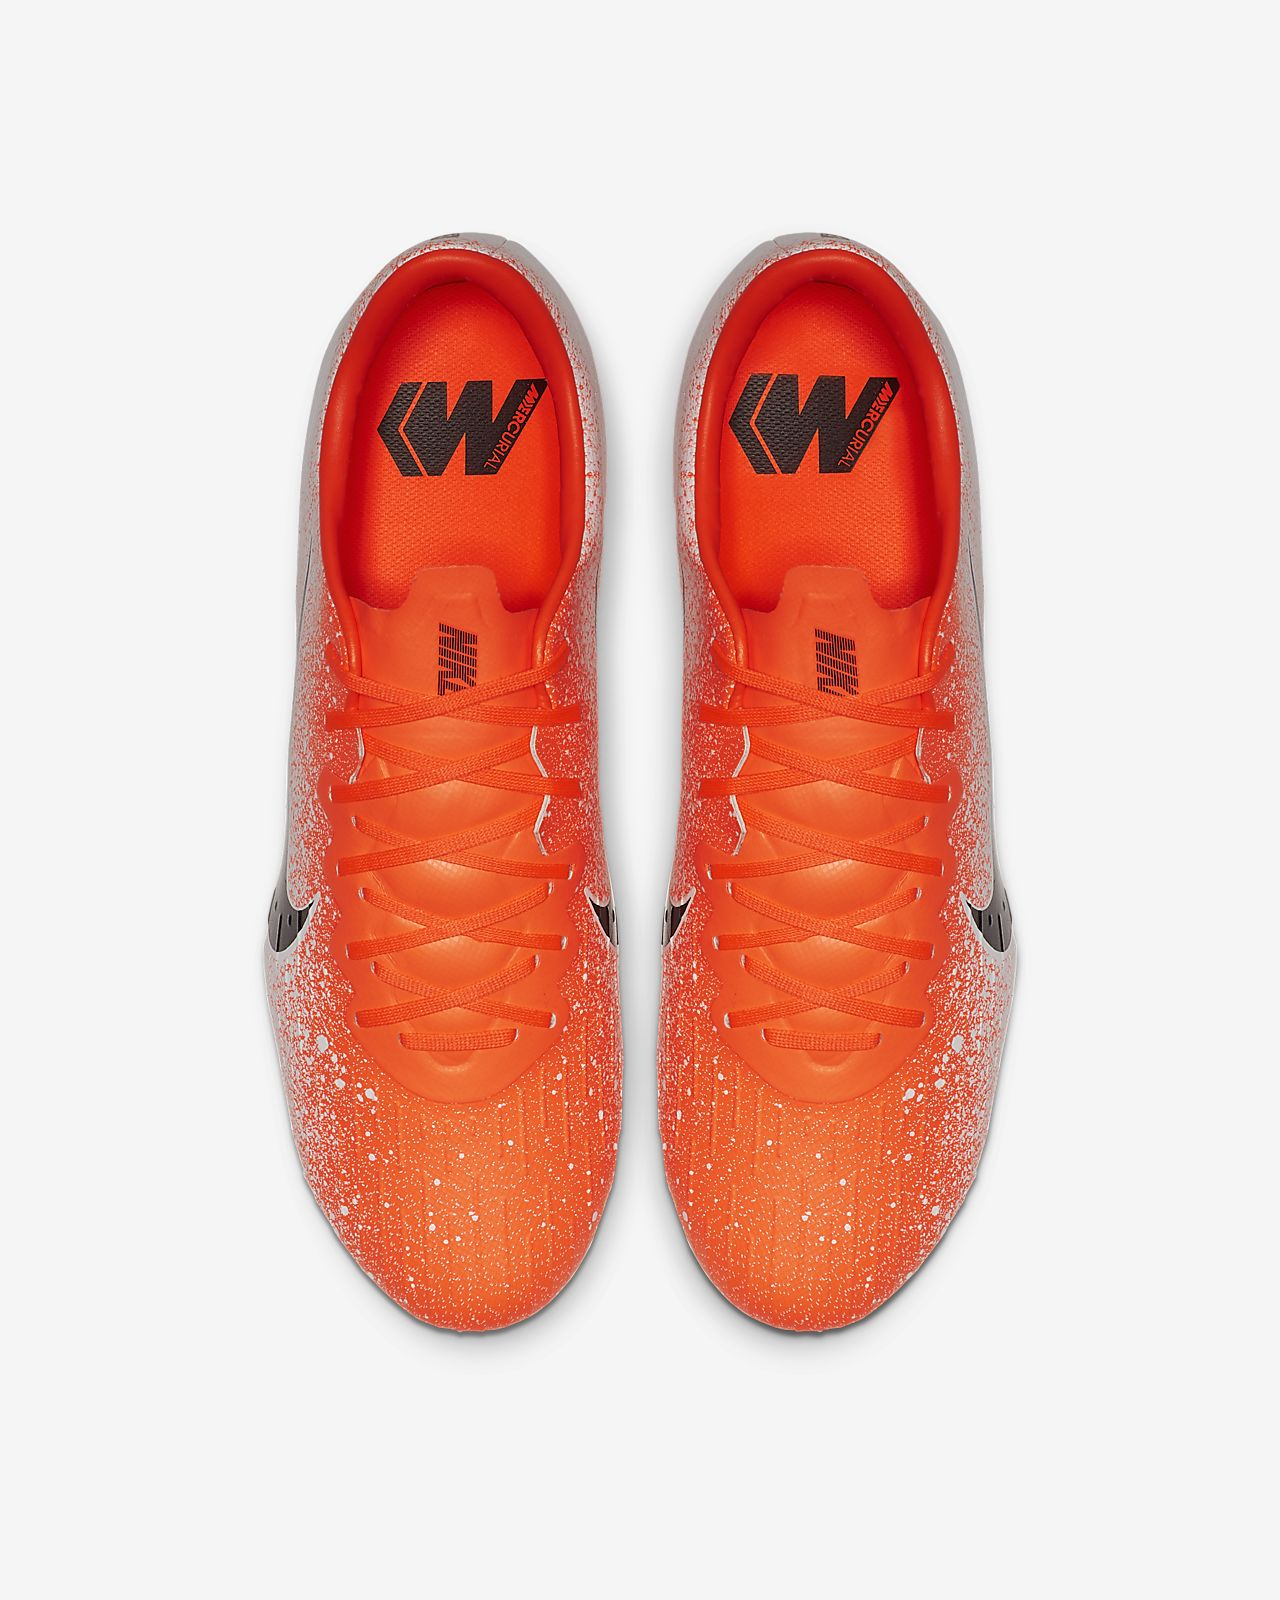 e724c077c57 Nike Vapor 12 Pro FG Firm-Ground Soccer Cleat . Nike.com